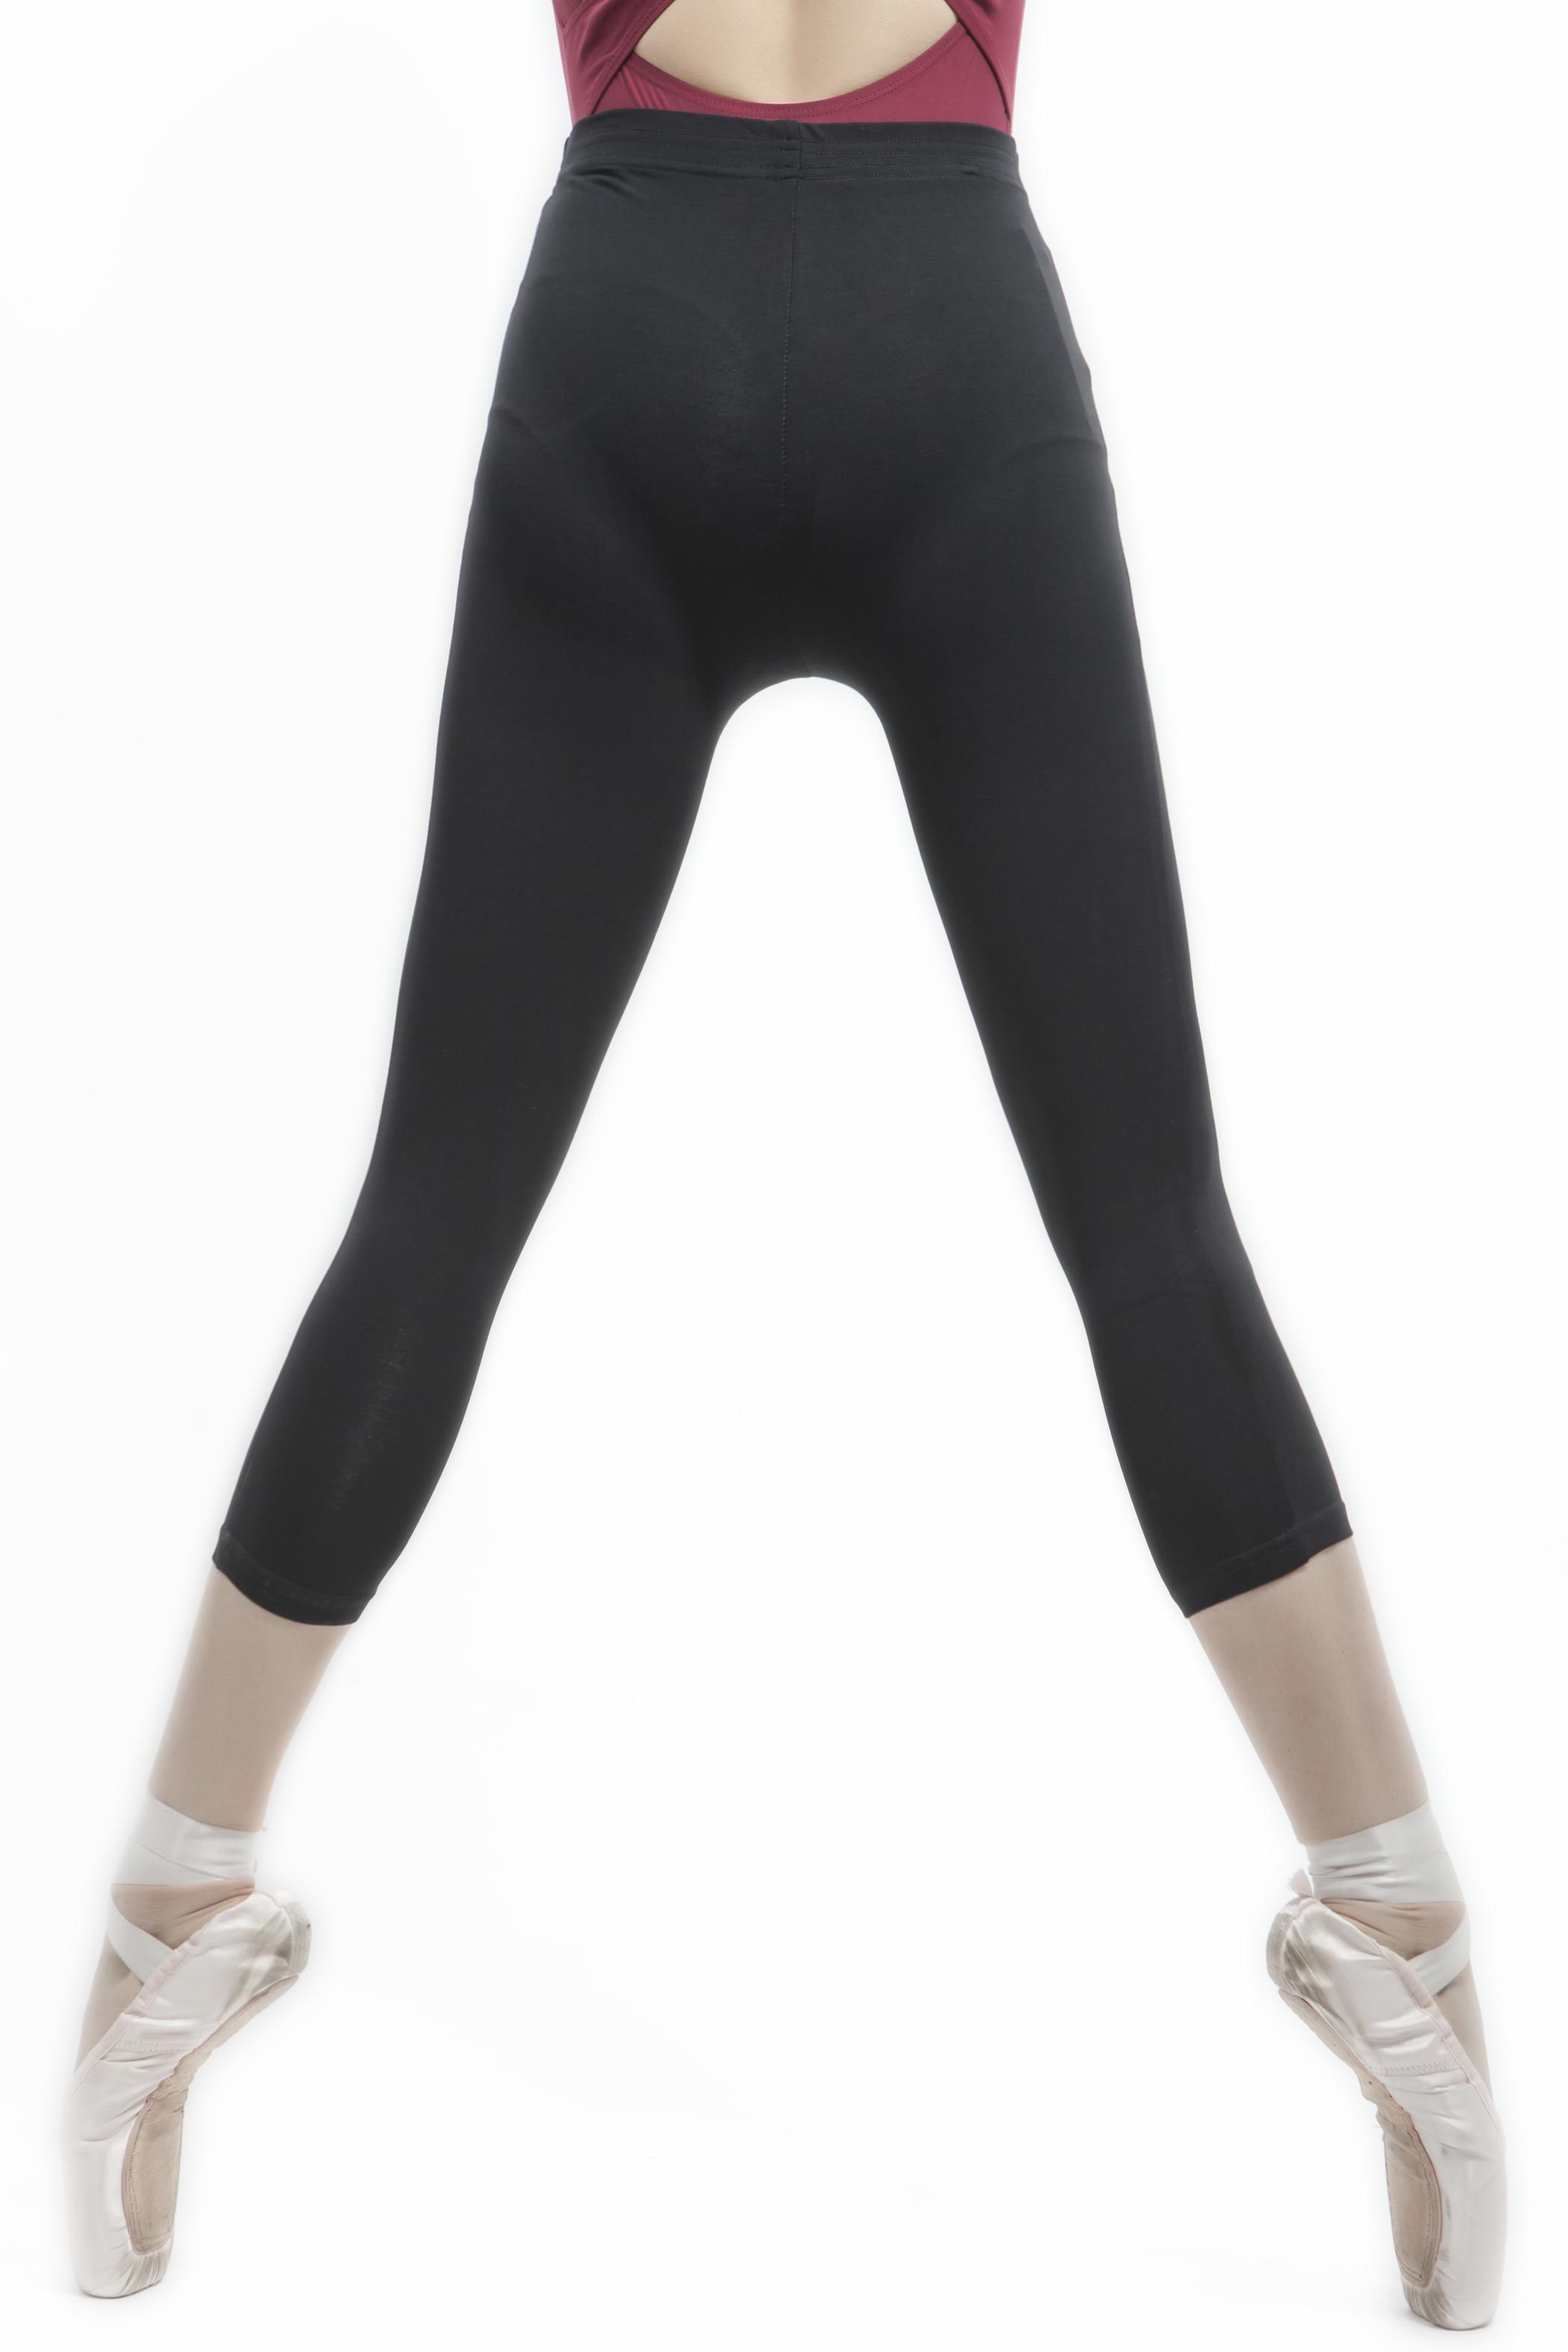 专业跳操裤